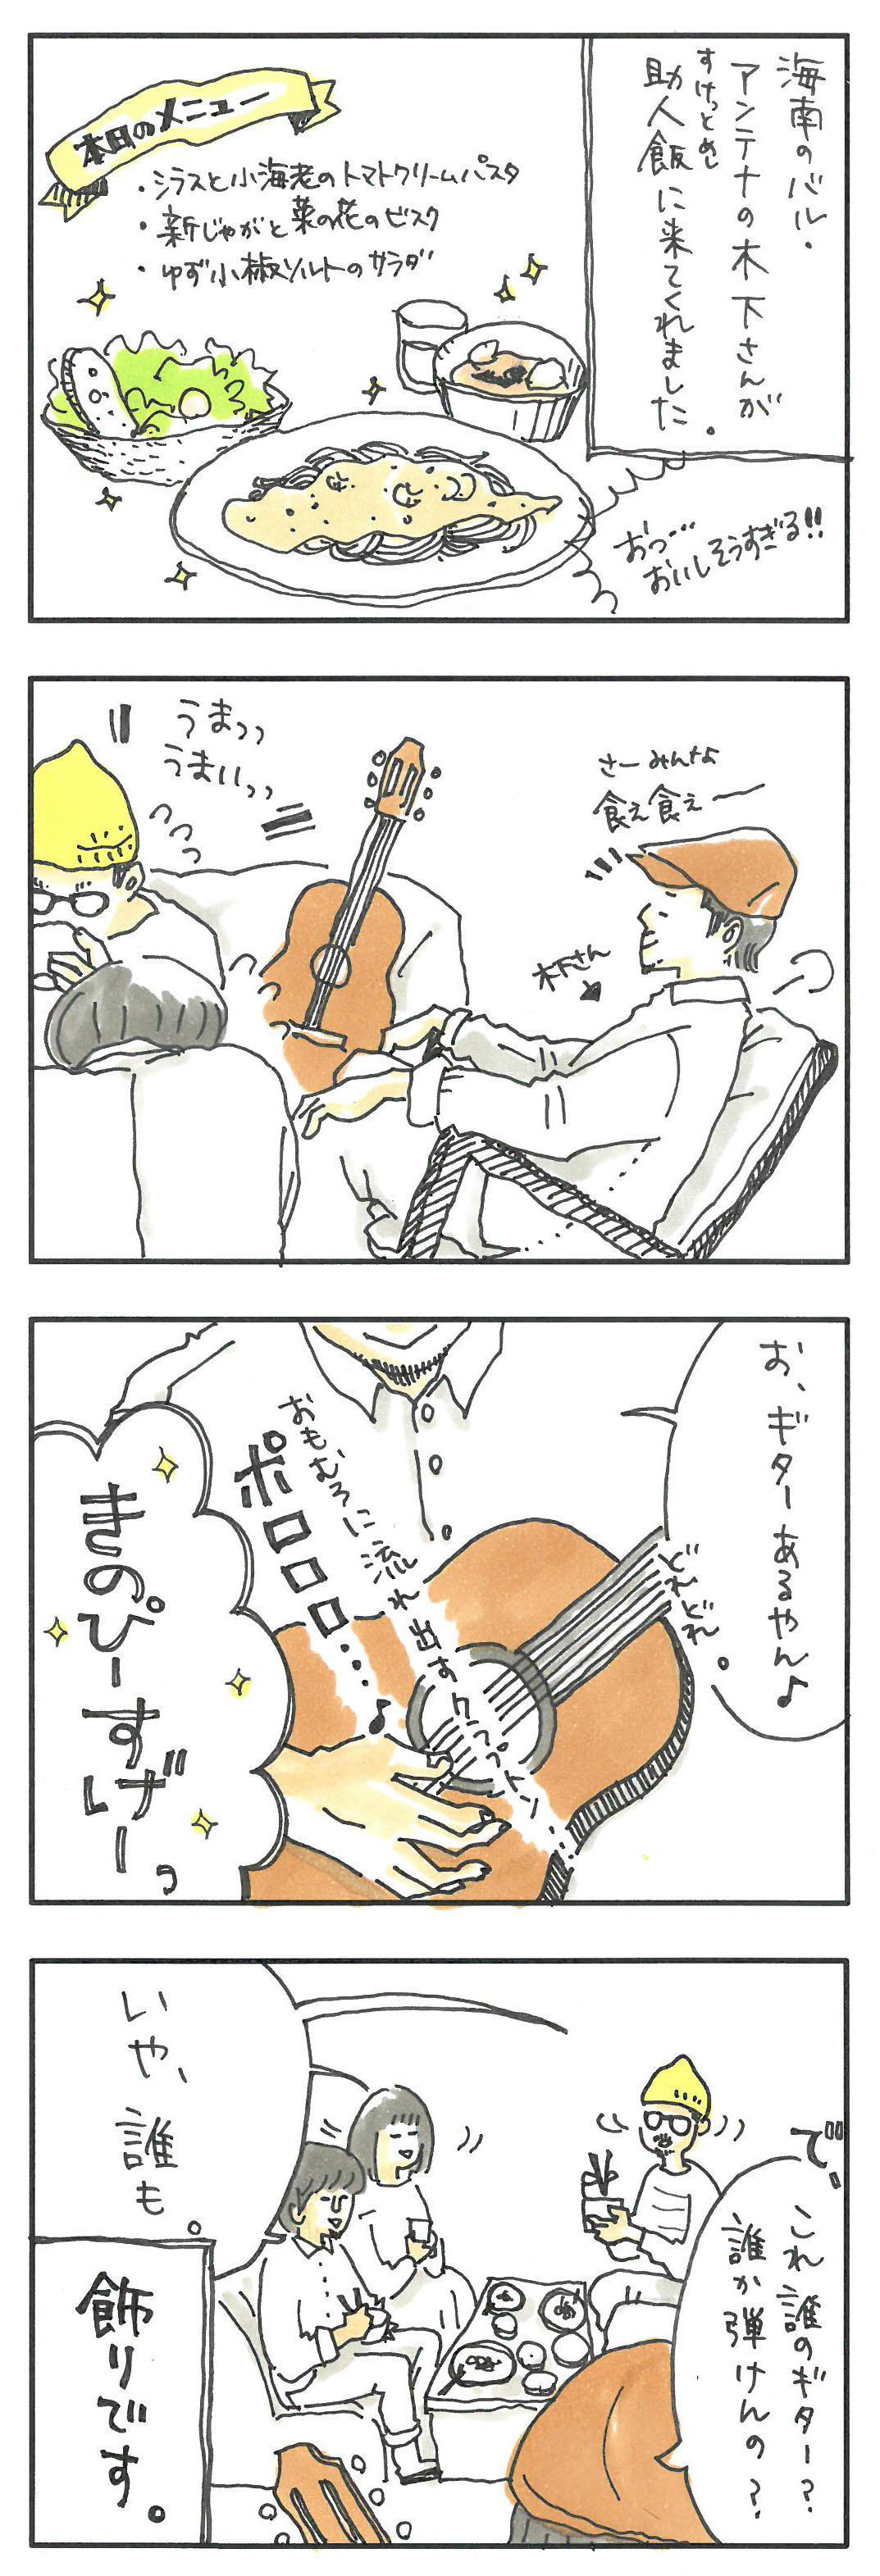 #5.ギターその1